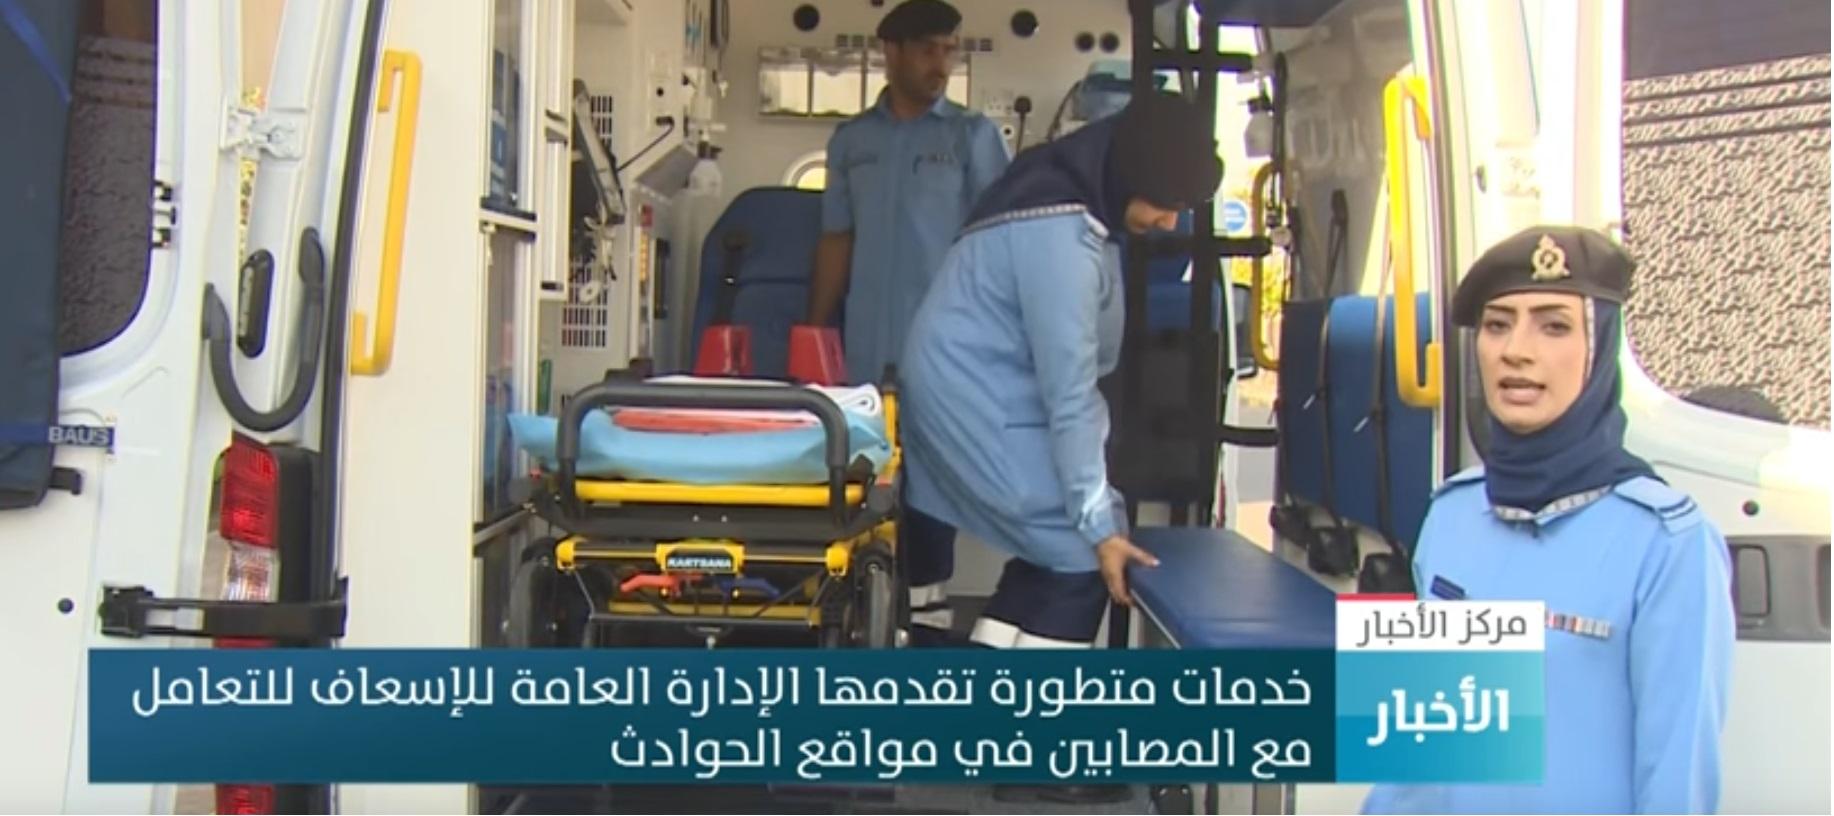 الإدارة العامة للإسعاف تقدم خدمات متطورة للتعامل مع مصابي الحوادث